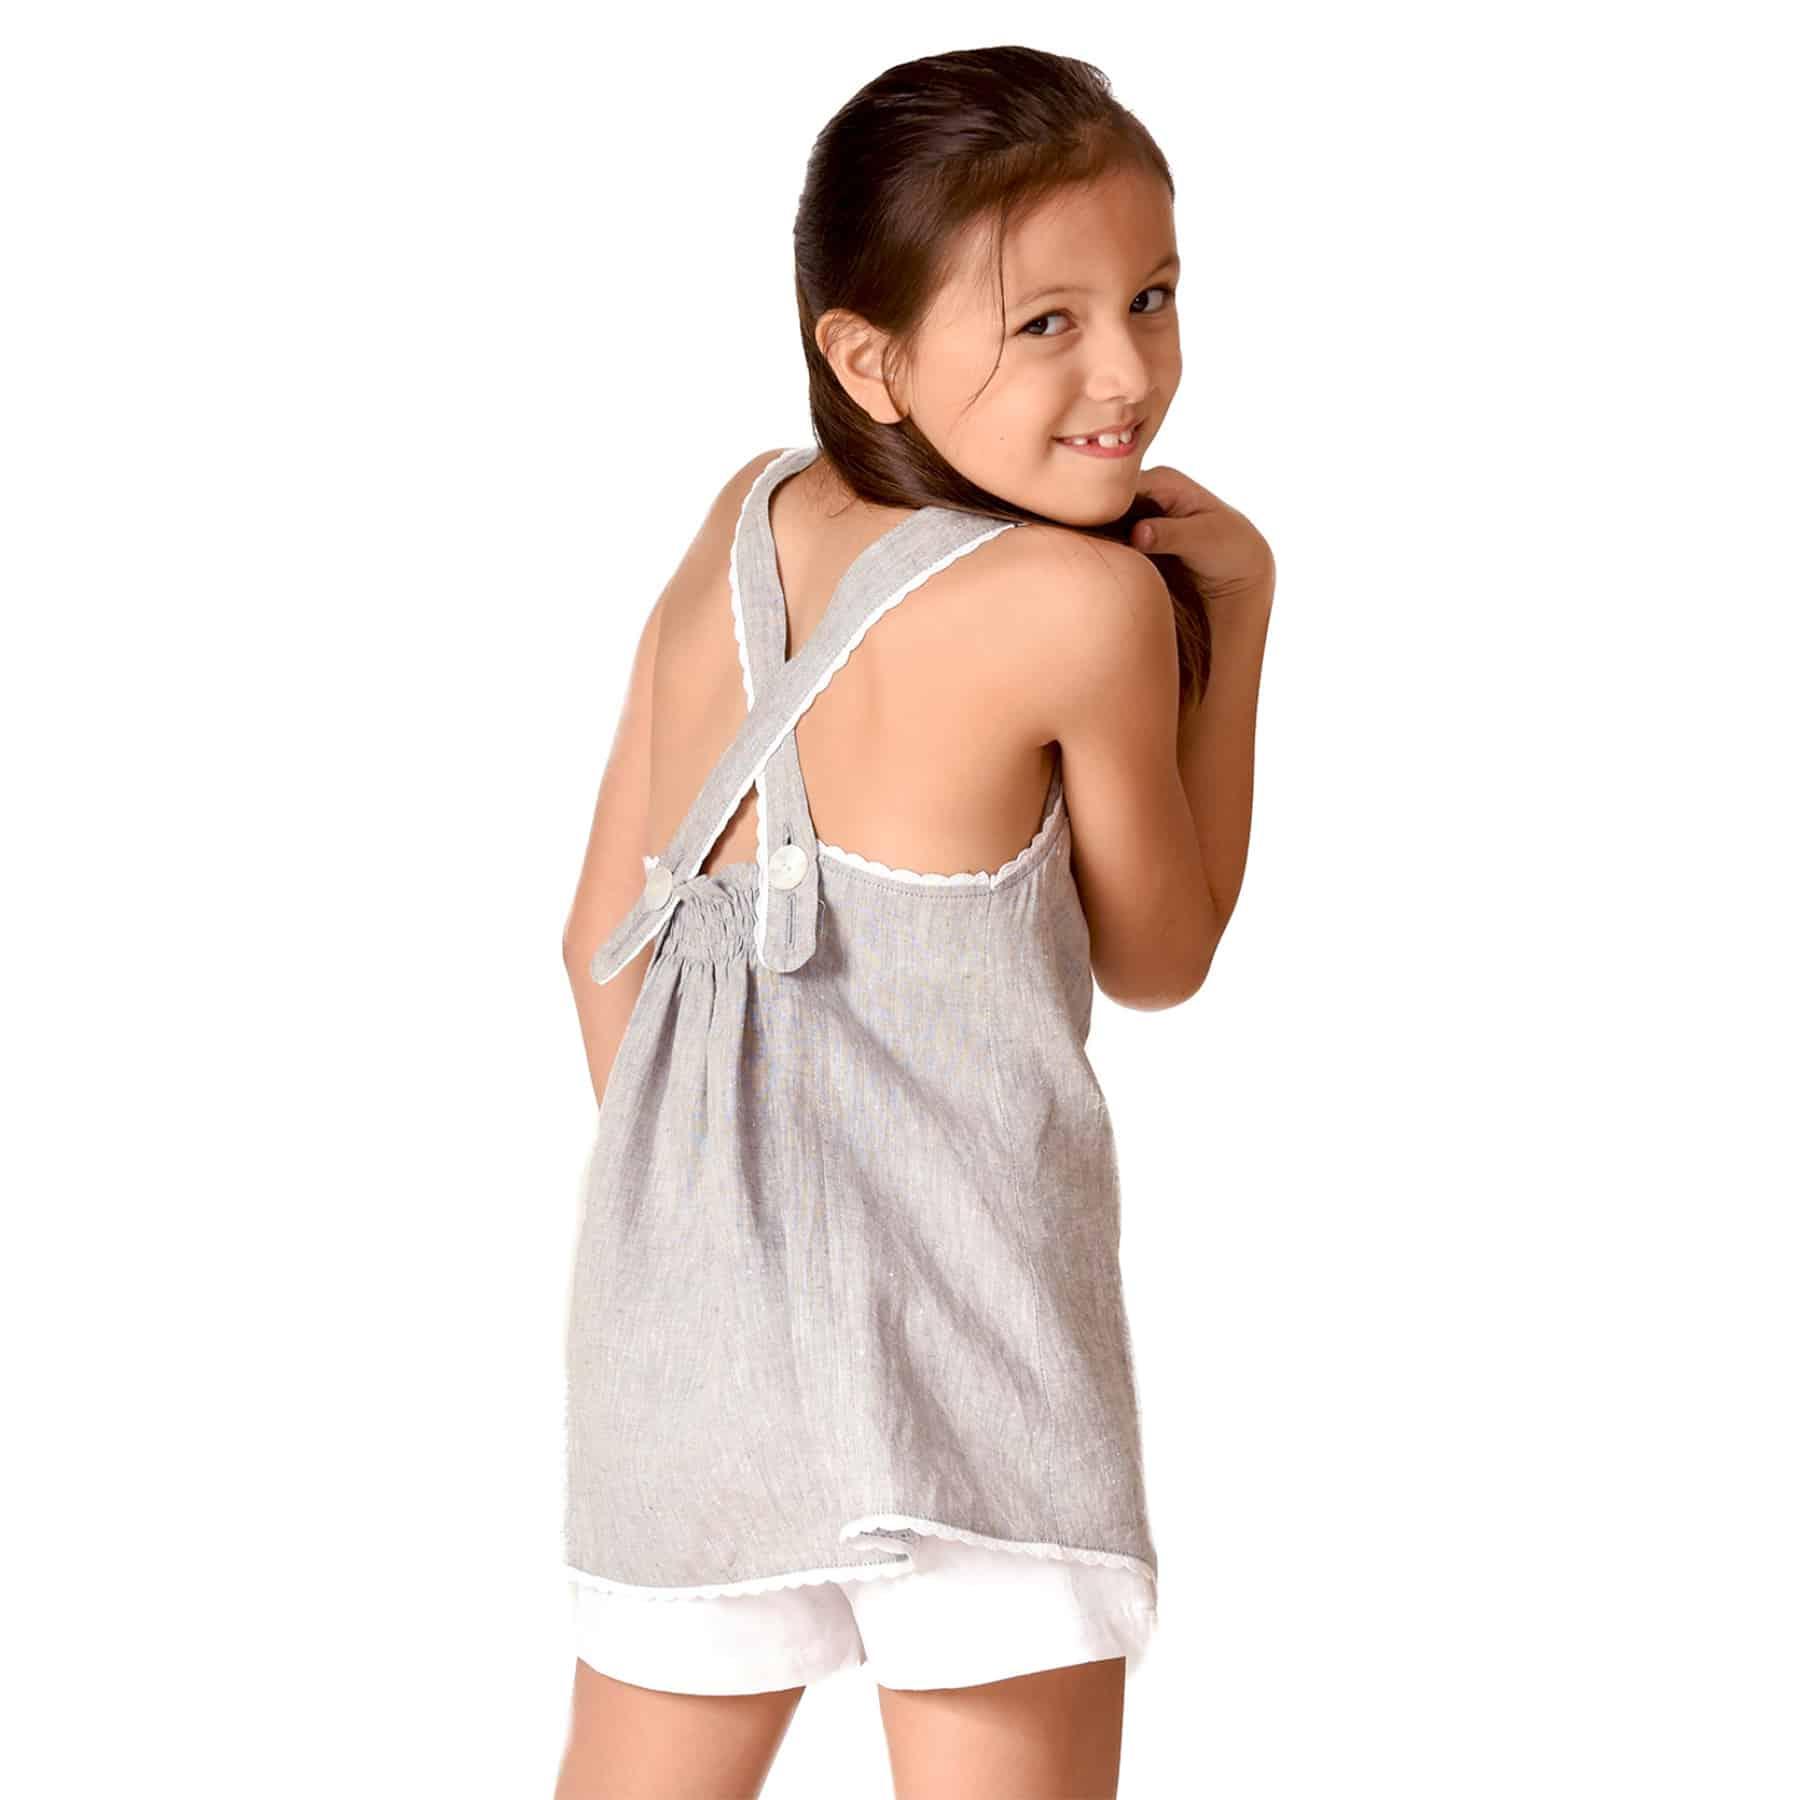 Blouse d'été en lin gris souris bordé de fine dentelle blanche avec bretelles croisées dans le dos pour filles de 2 à 14 ans